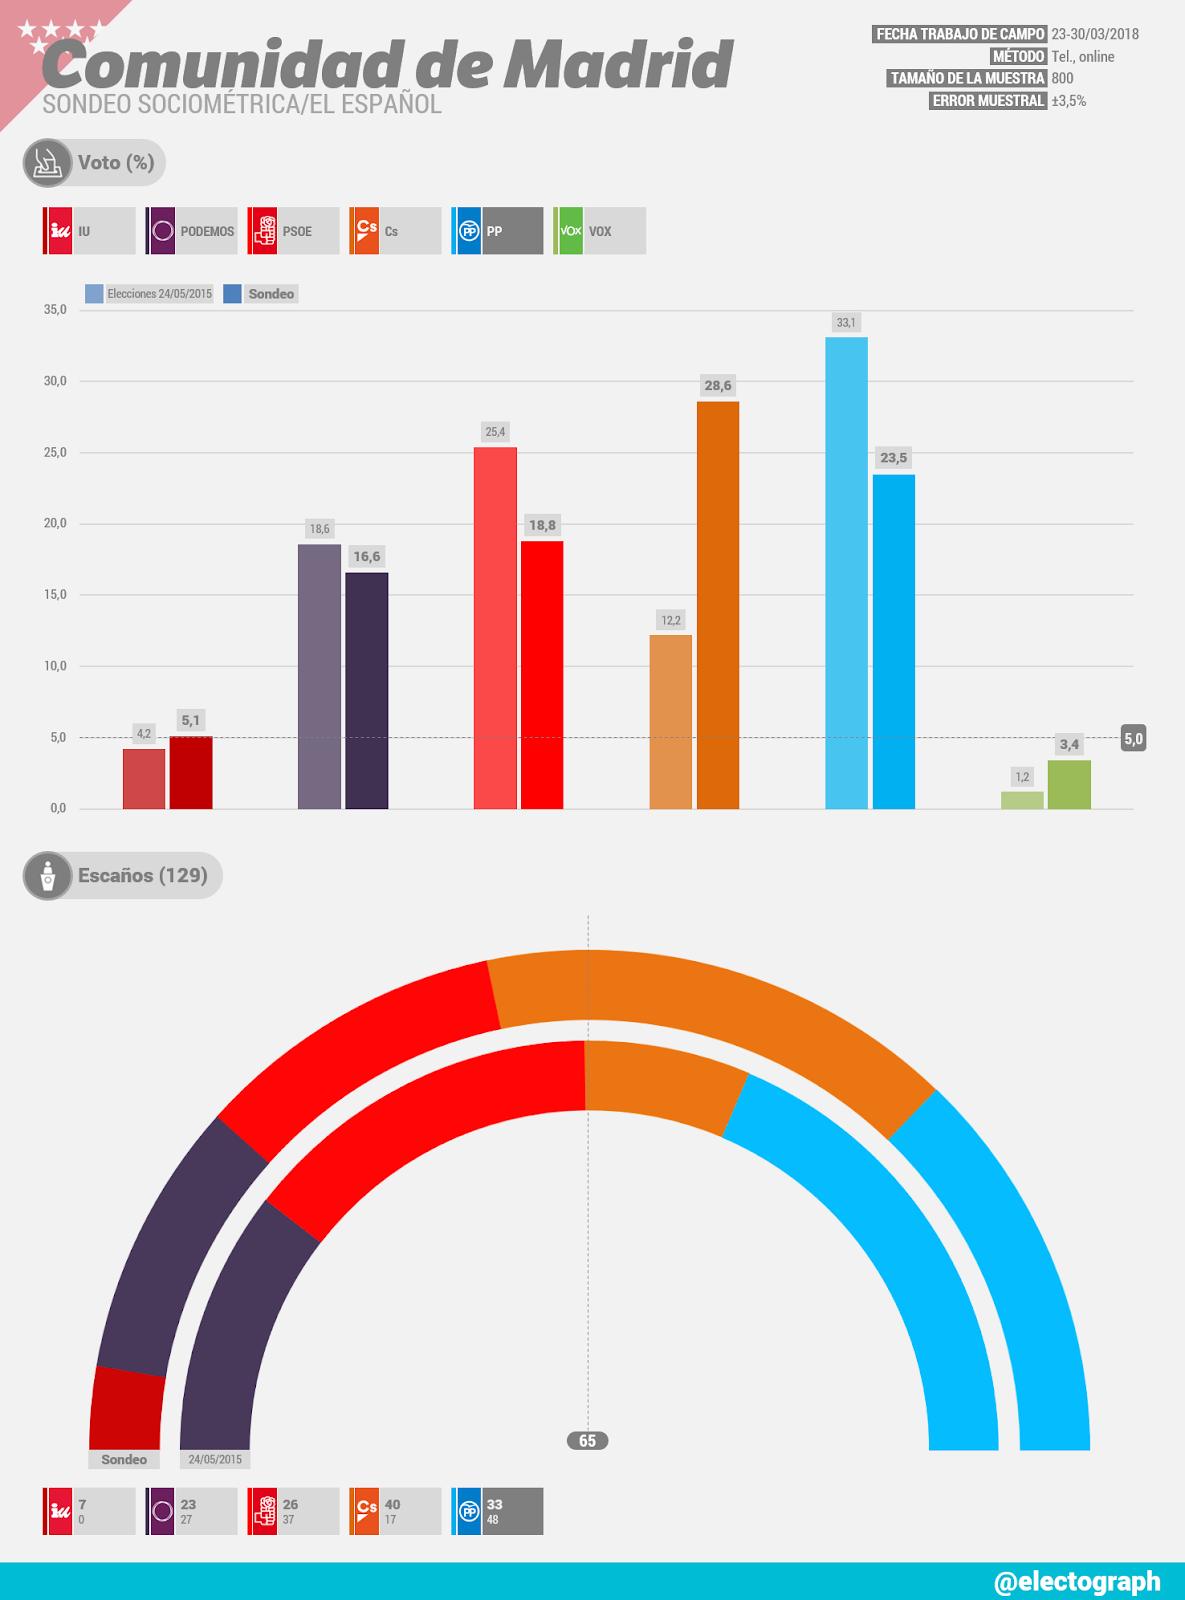 Gráfico de la encuesta para elecciones autonómicas en la Comunidad de Madrid realizada por SocioMétrica para El Español en marzo de 2018